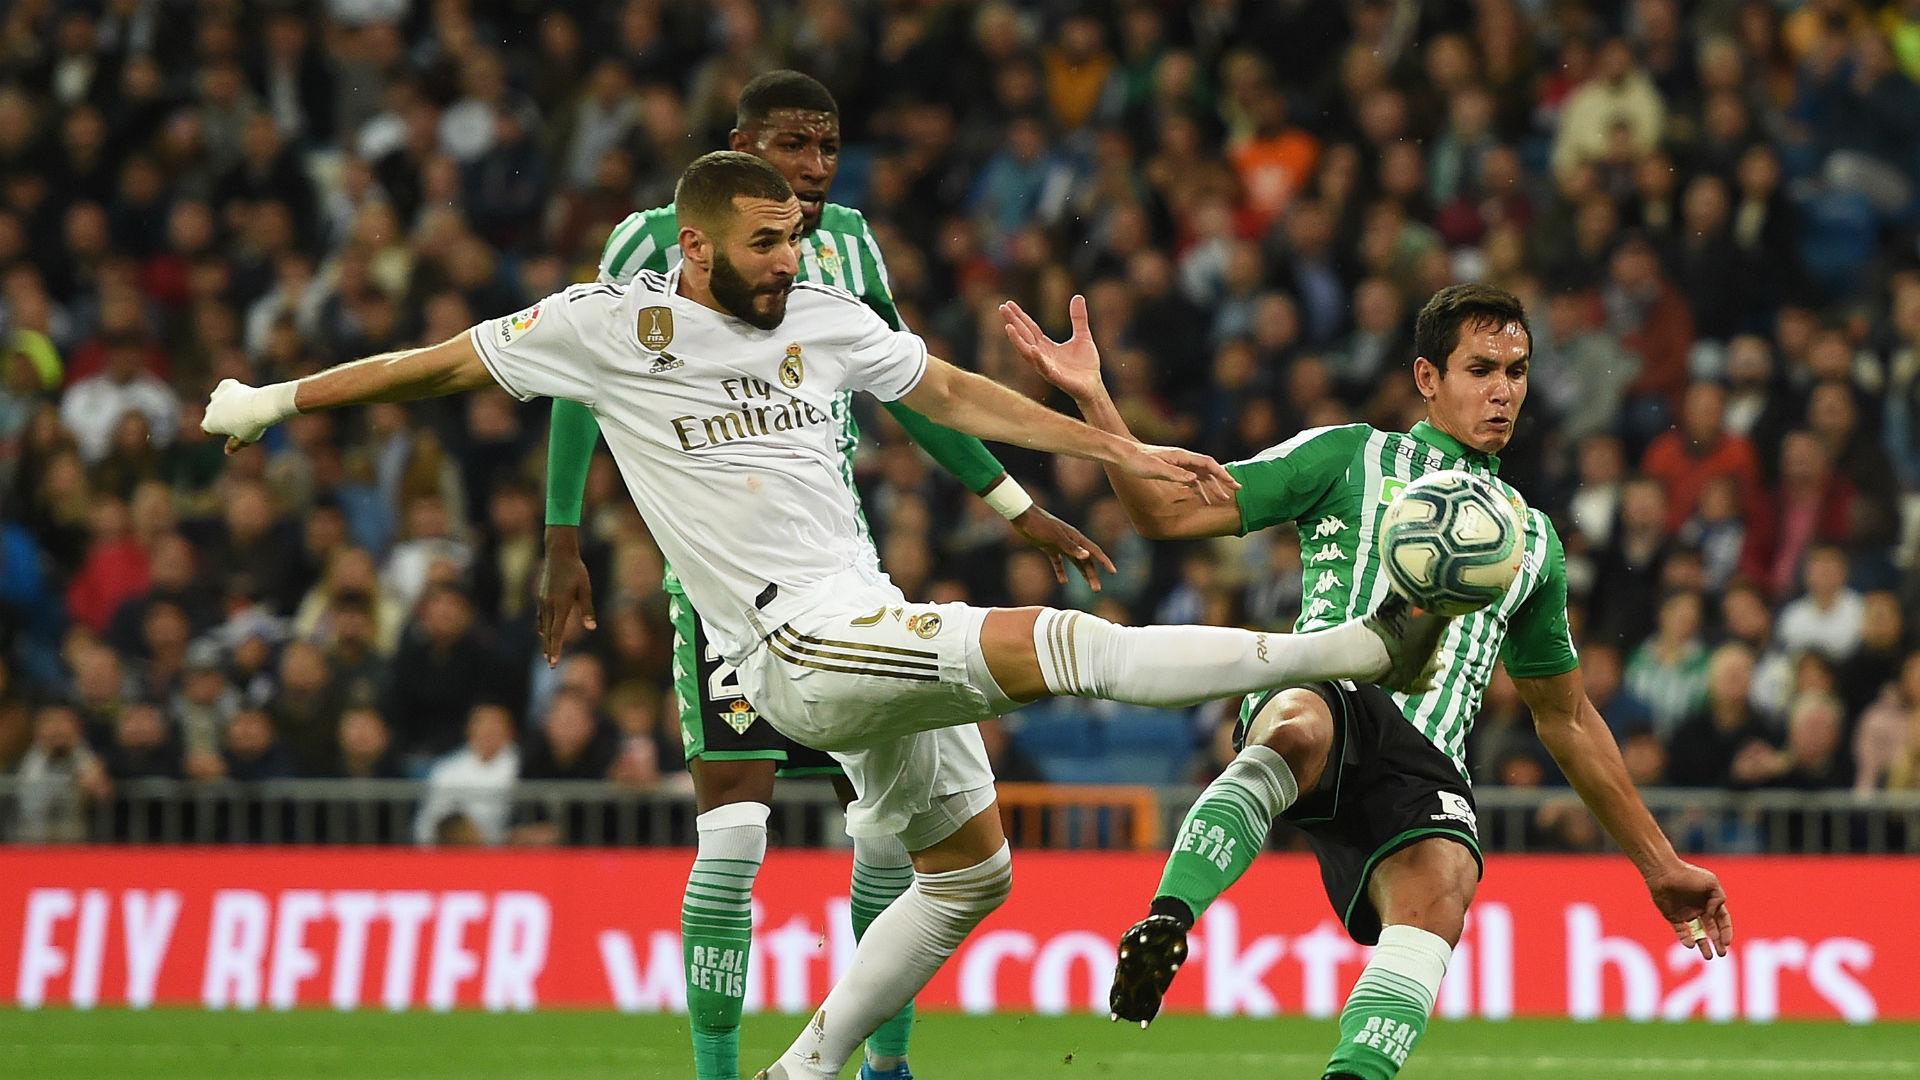 Kết quả hình ảnh cho Real Betis vs Real Madrid